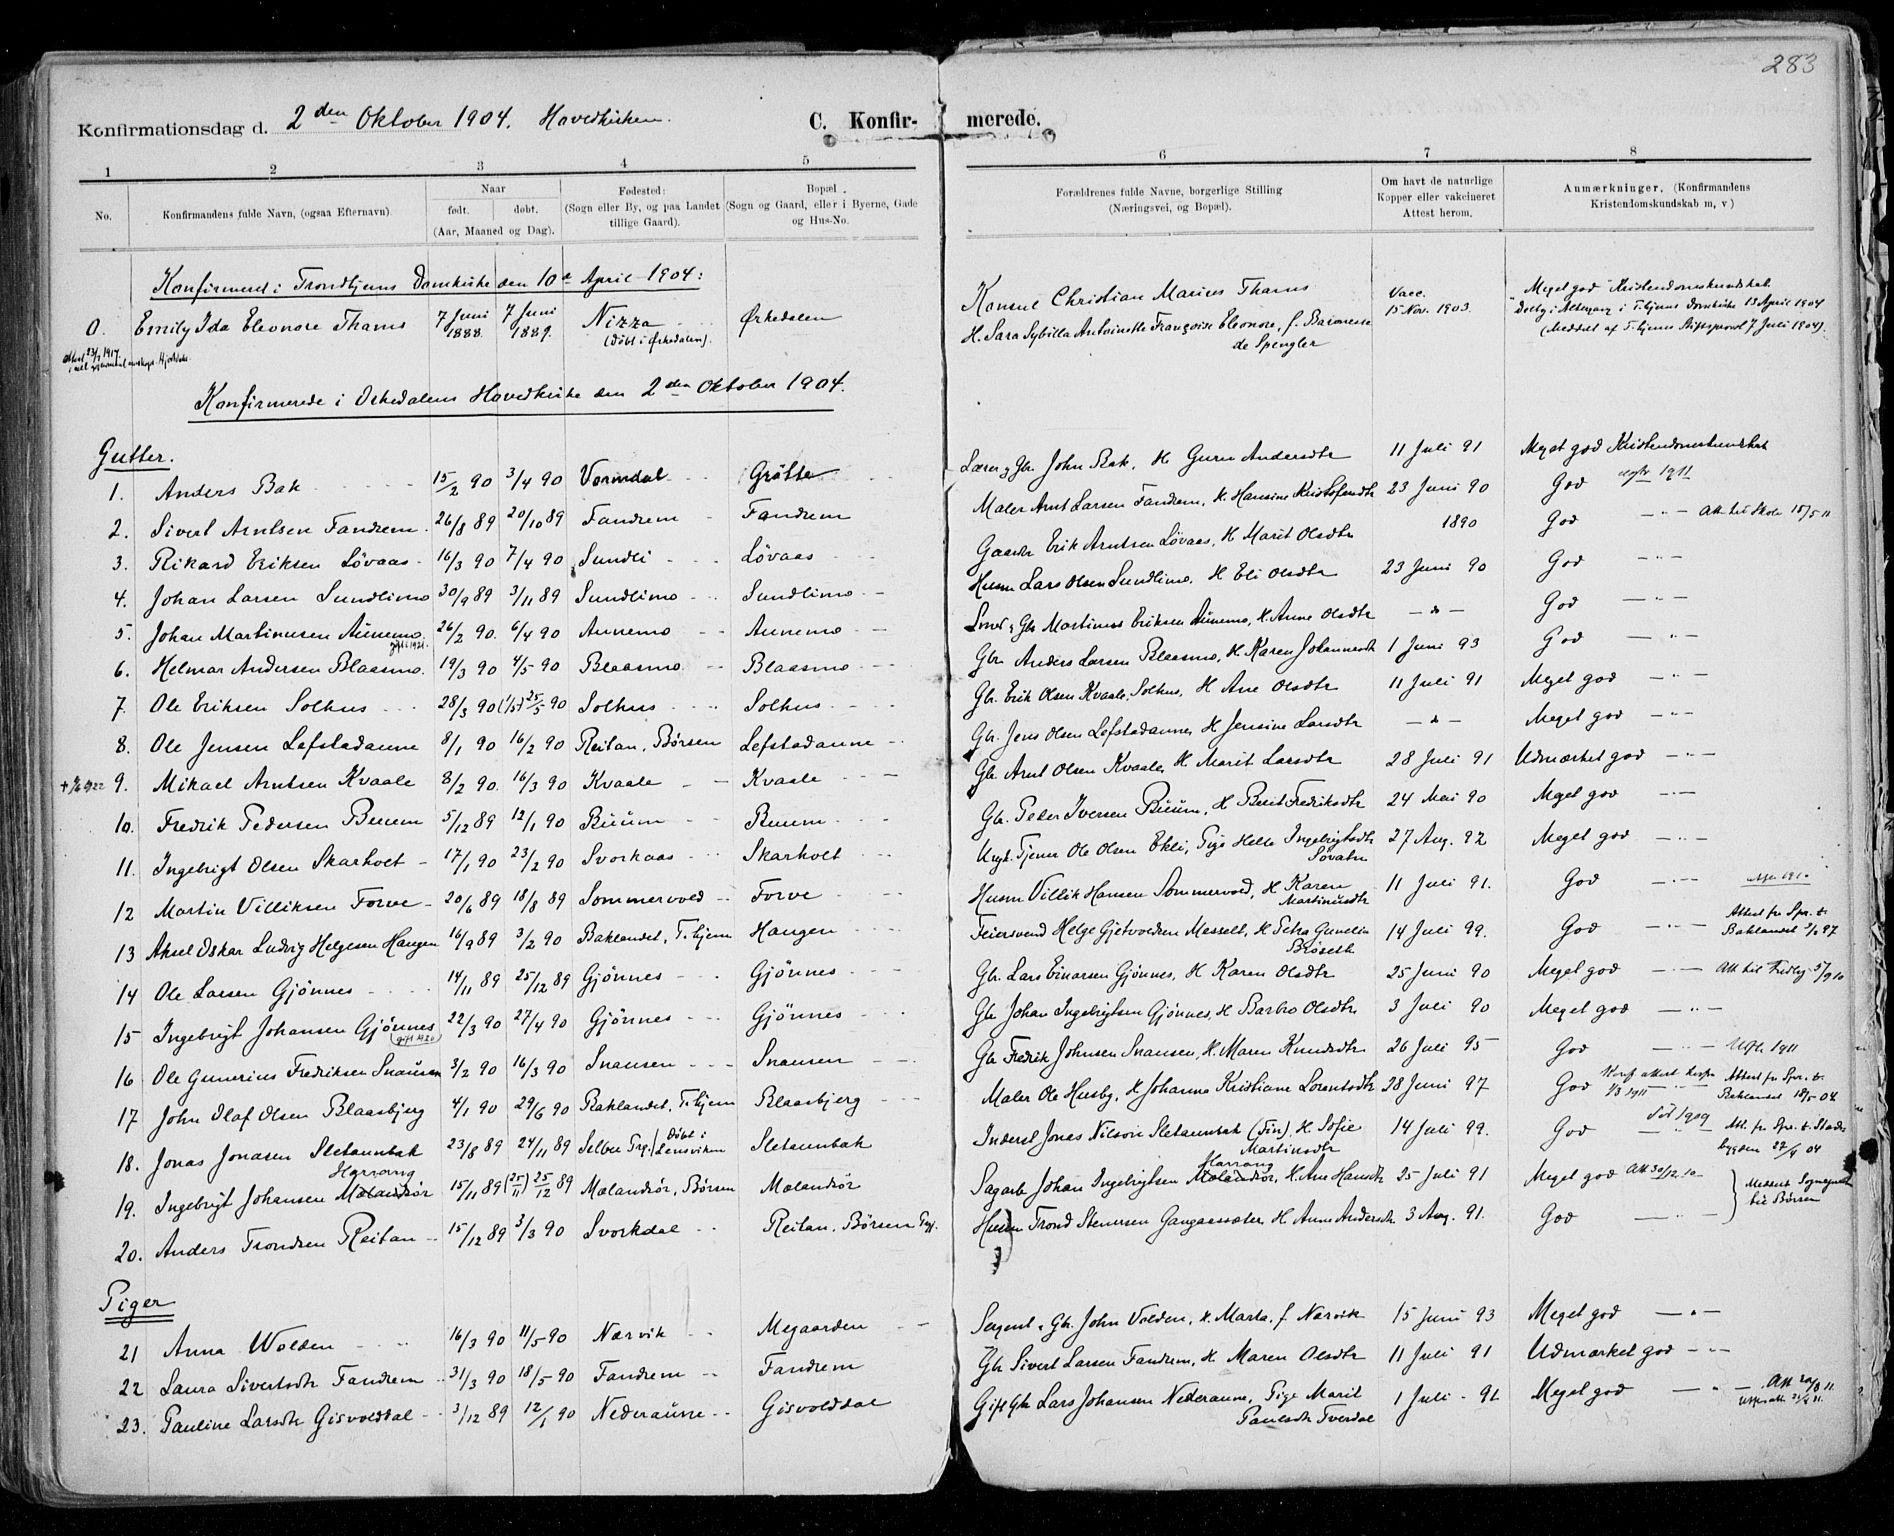 SAT, Ministerialprotokoller, klokkerbøker og fødselsregistre - Sør-Trøndelag, 668/L0811: Ministerialbok nr. 668A11, 1894-1913, s. 283